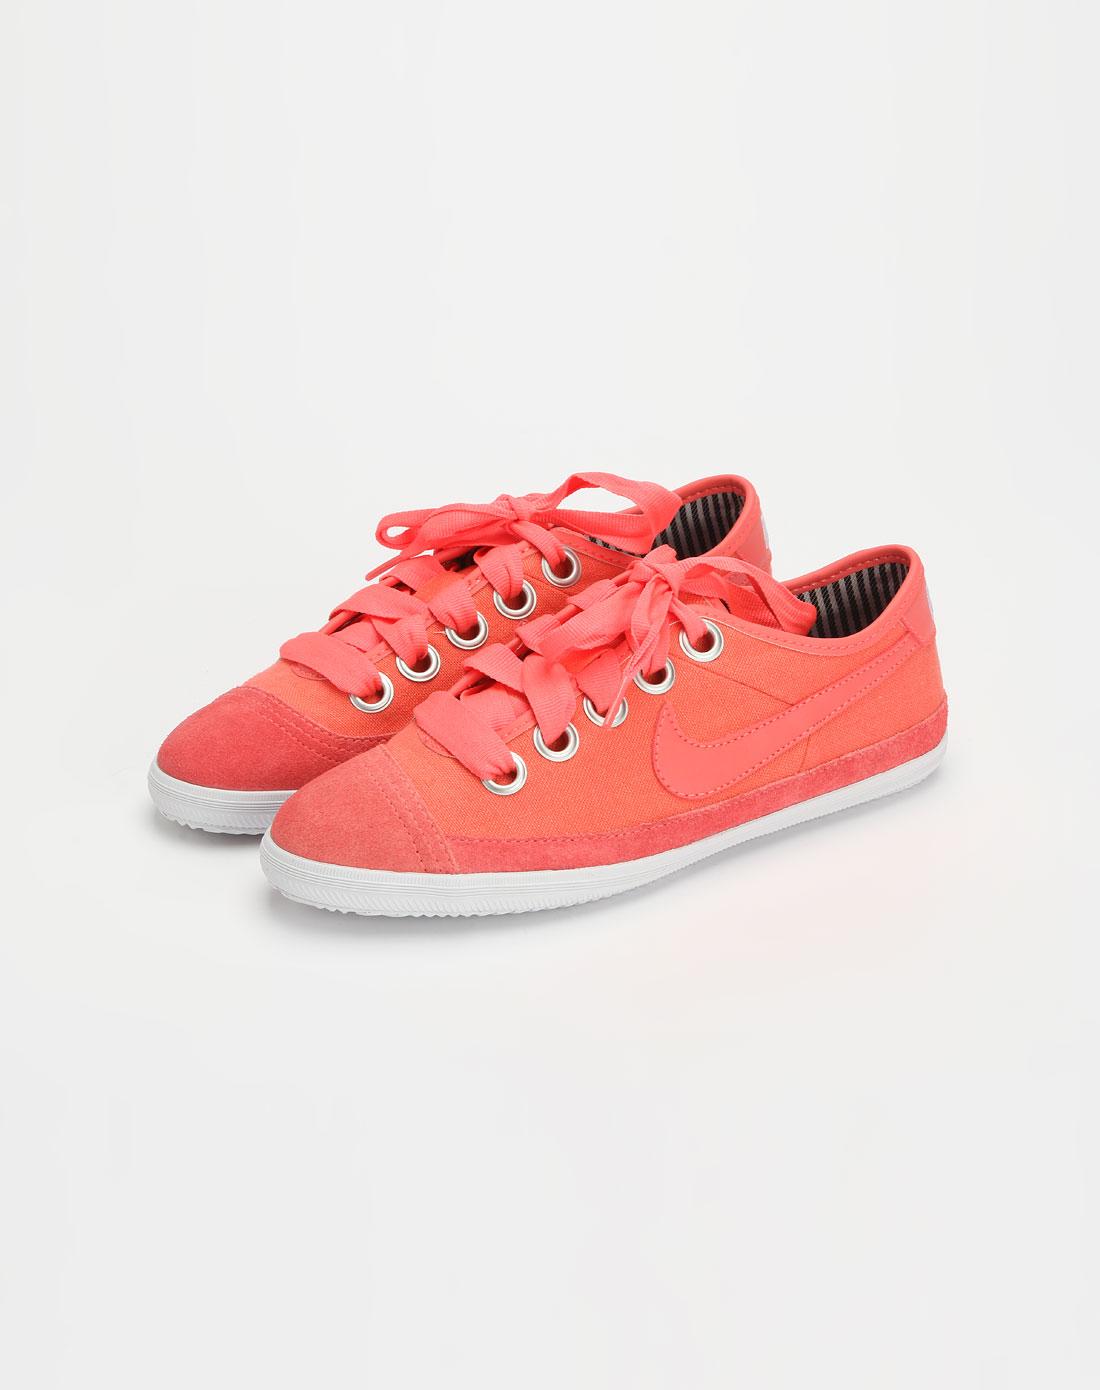 耐克nike-女款桃红色系带休闲鞋417797-600